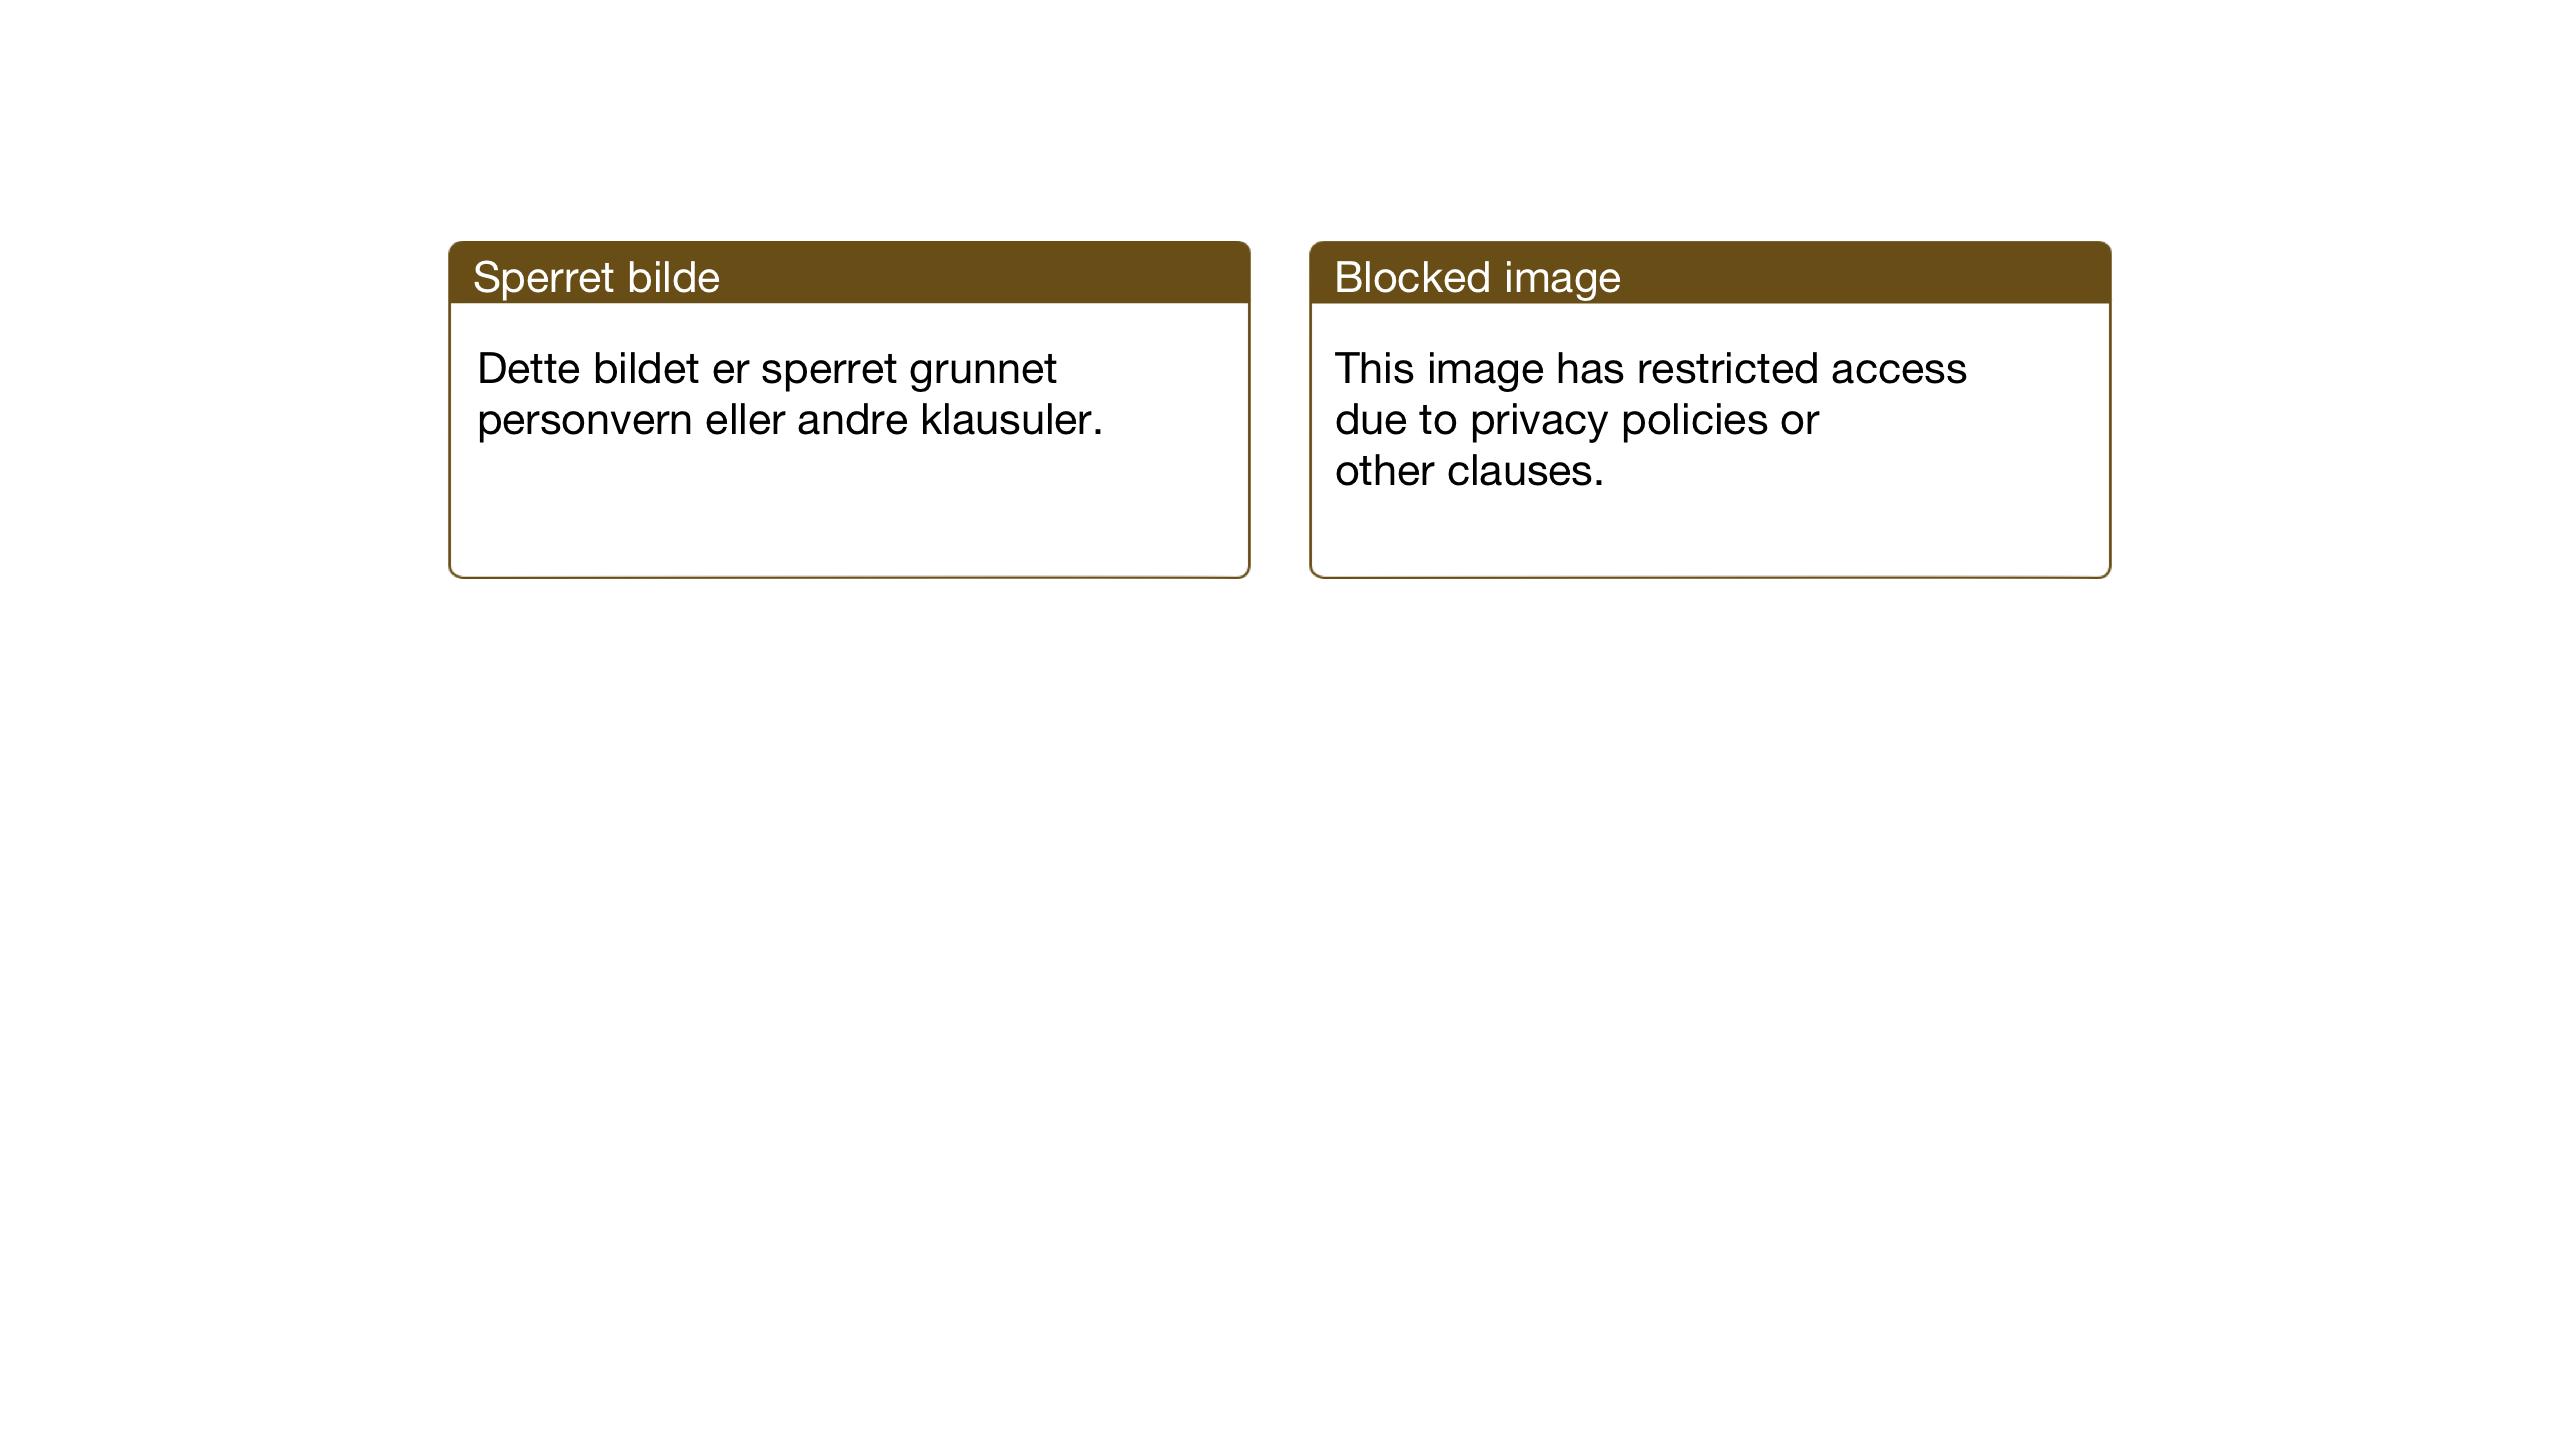 SAT, Ministerialprotokoller, klokkerbøker og fødselsregistre - Sør-Trøndelag, 611/L0357: Klokkerbok nr. 611C05, 1938-1942, s. 46